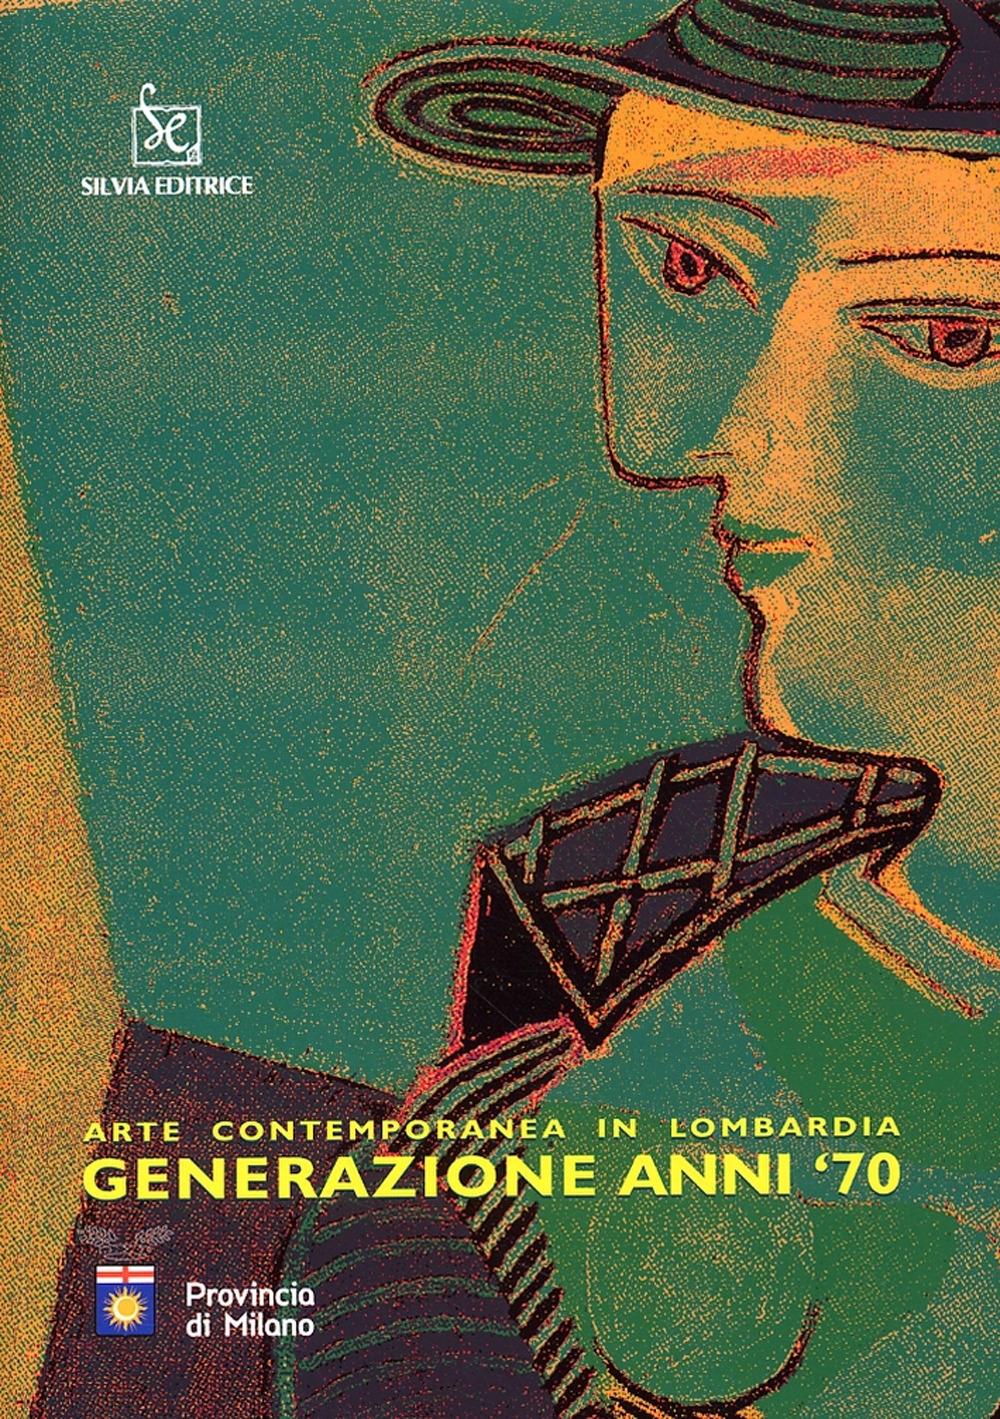 Arte contemporanea in Lombardia. Generazione anni '70.